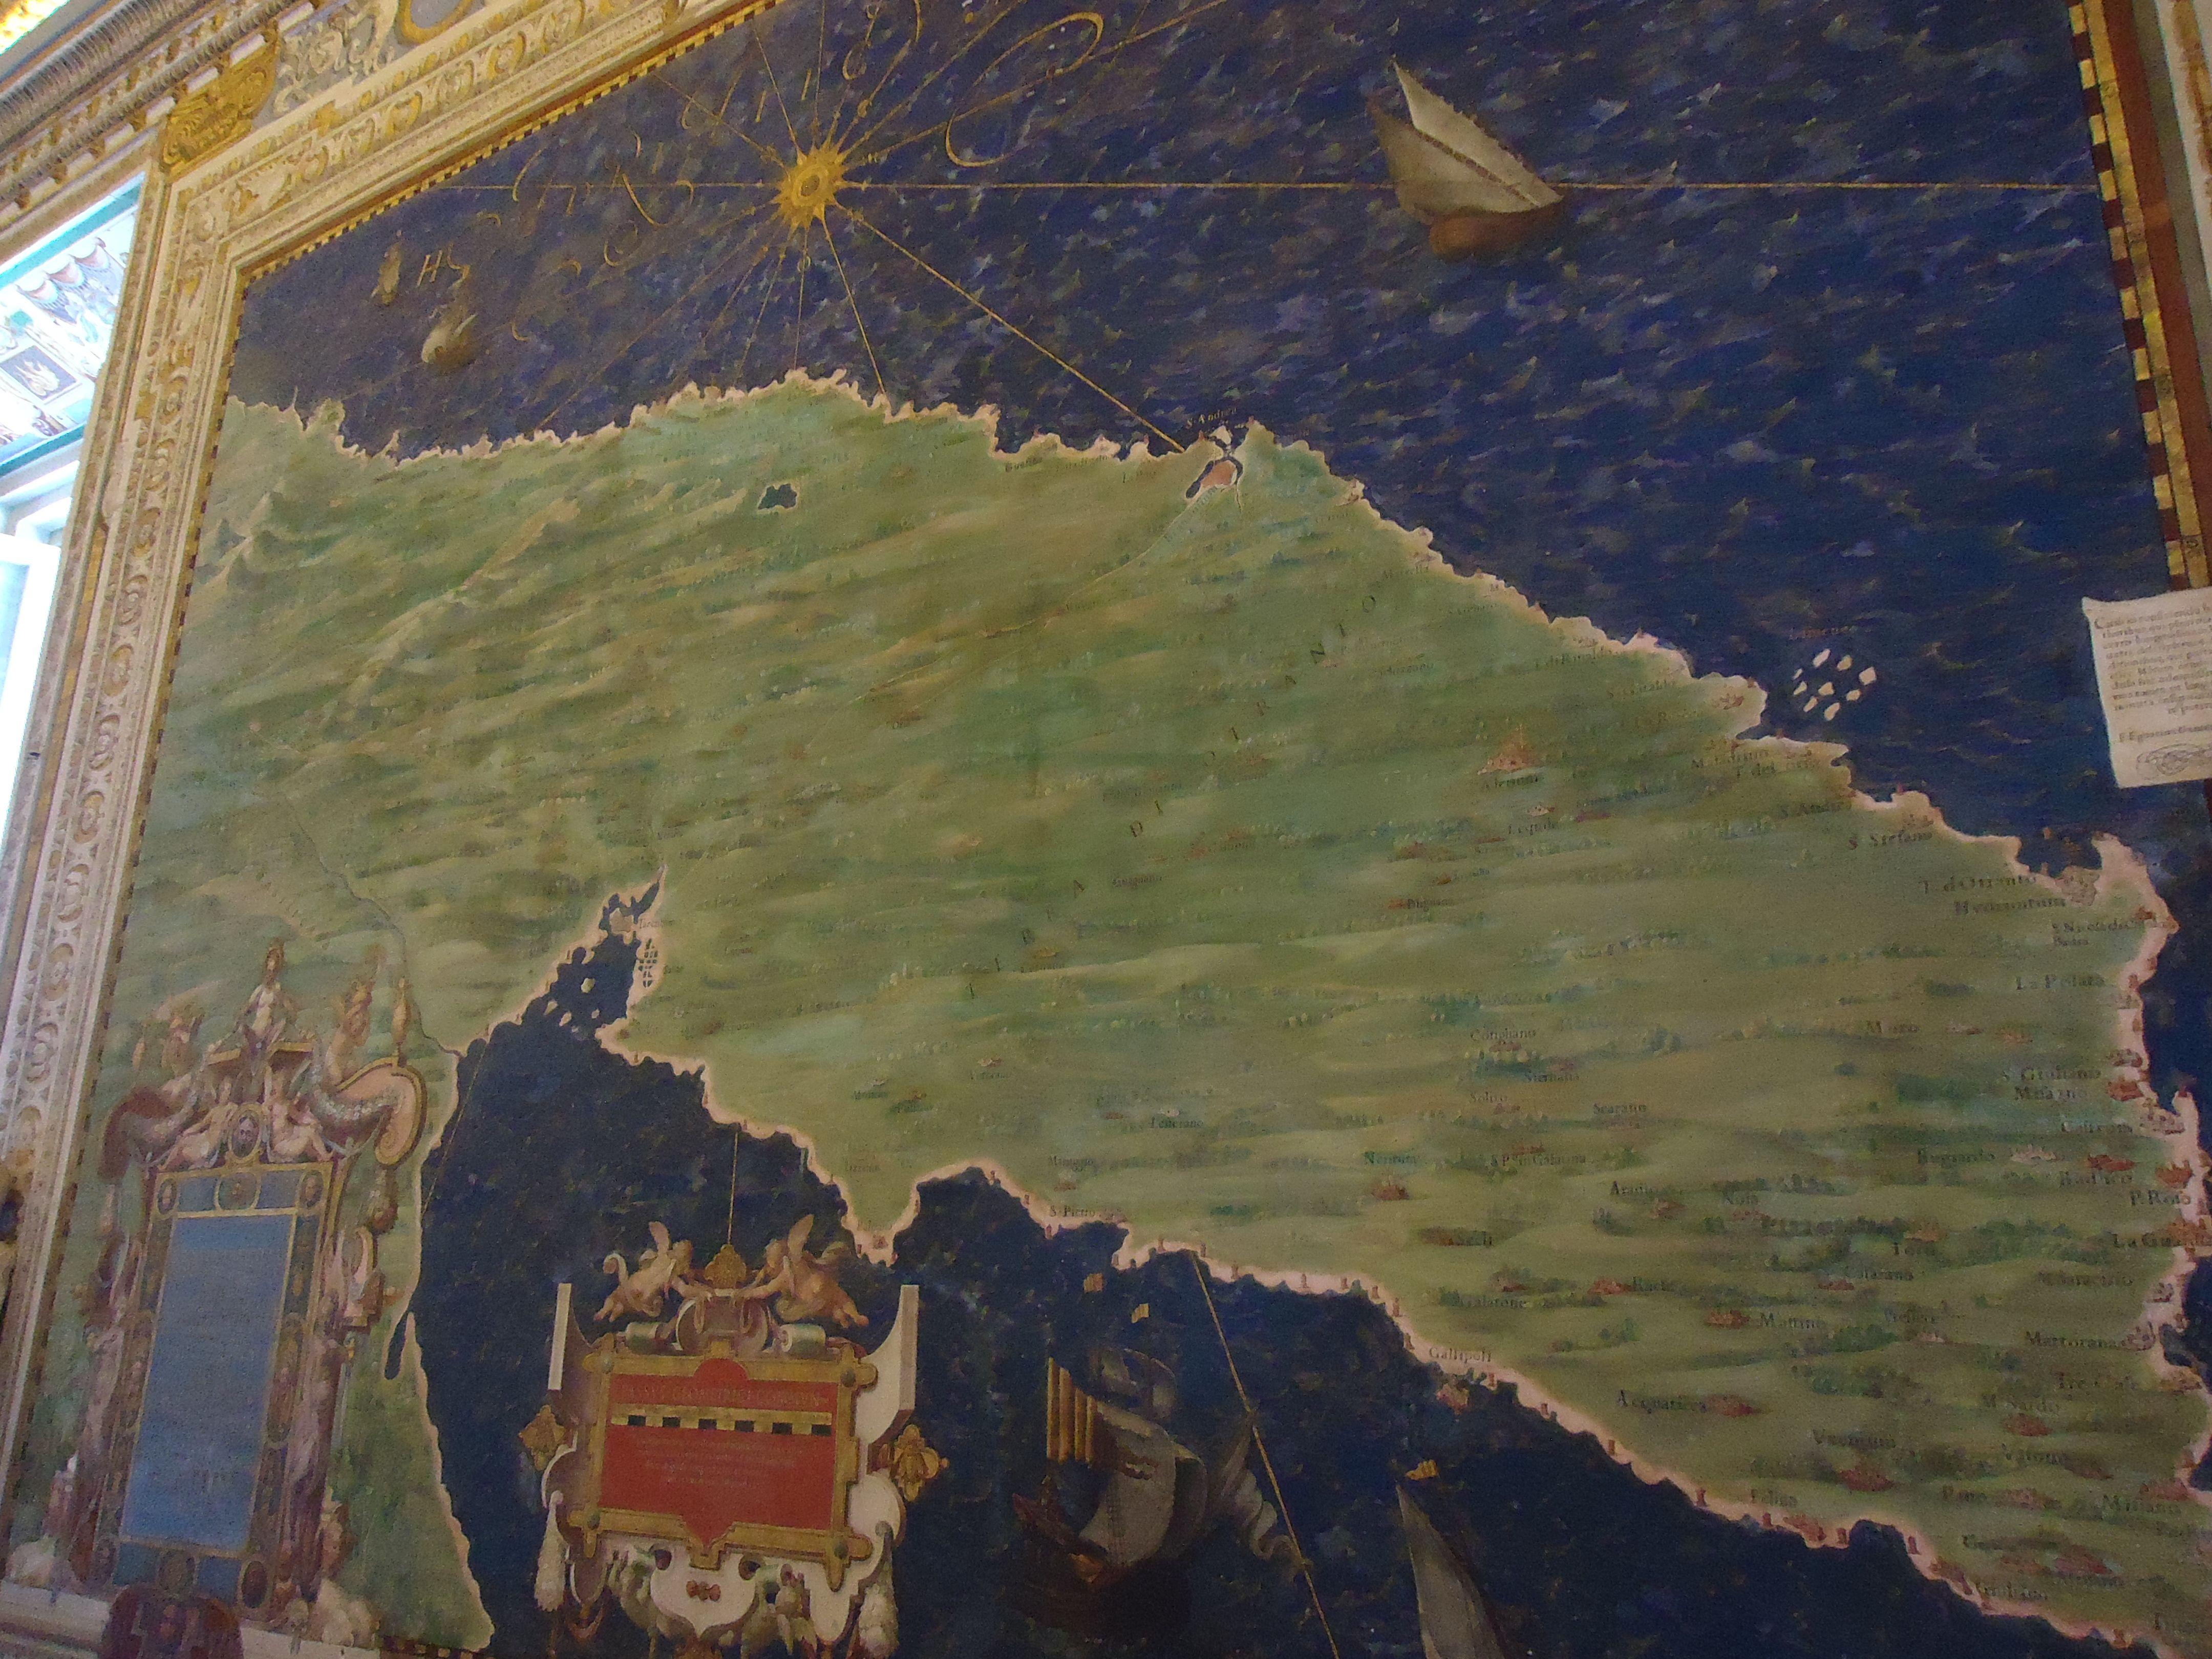 Landkaart in het Vaticaans museum - Rome